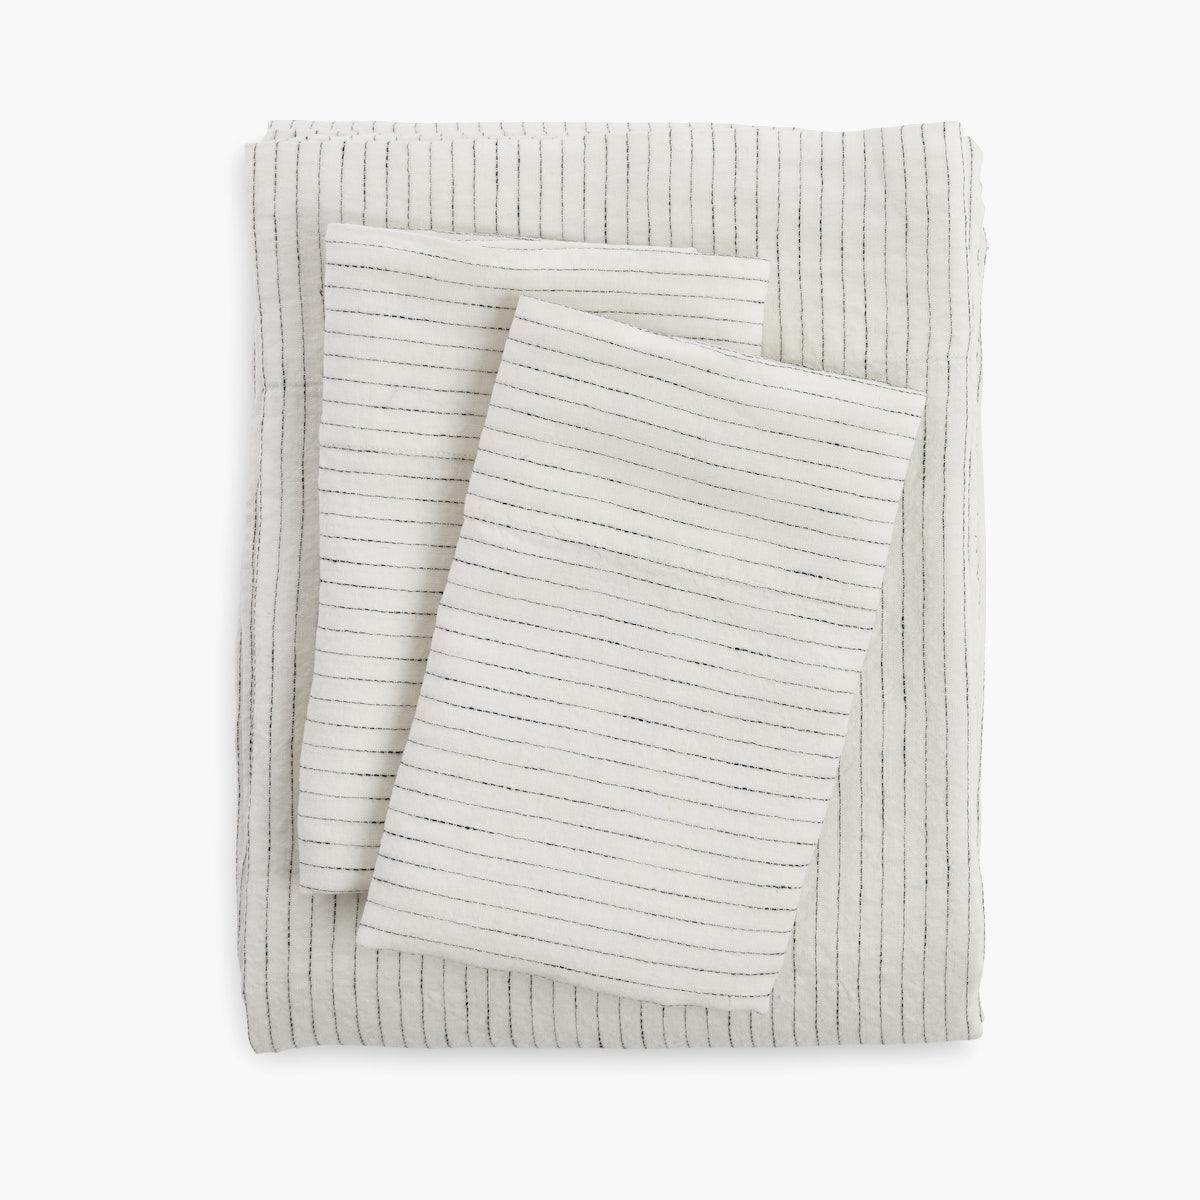 DWR Sheet Set - Linen, Stripe